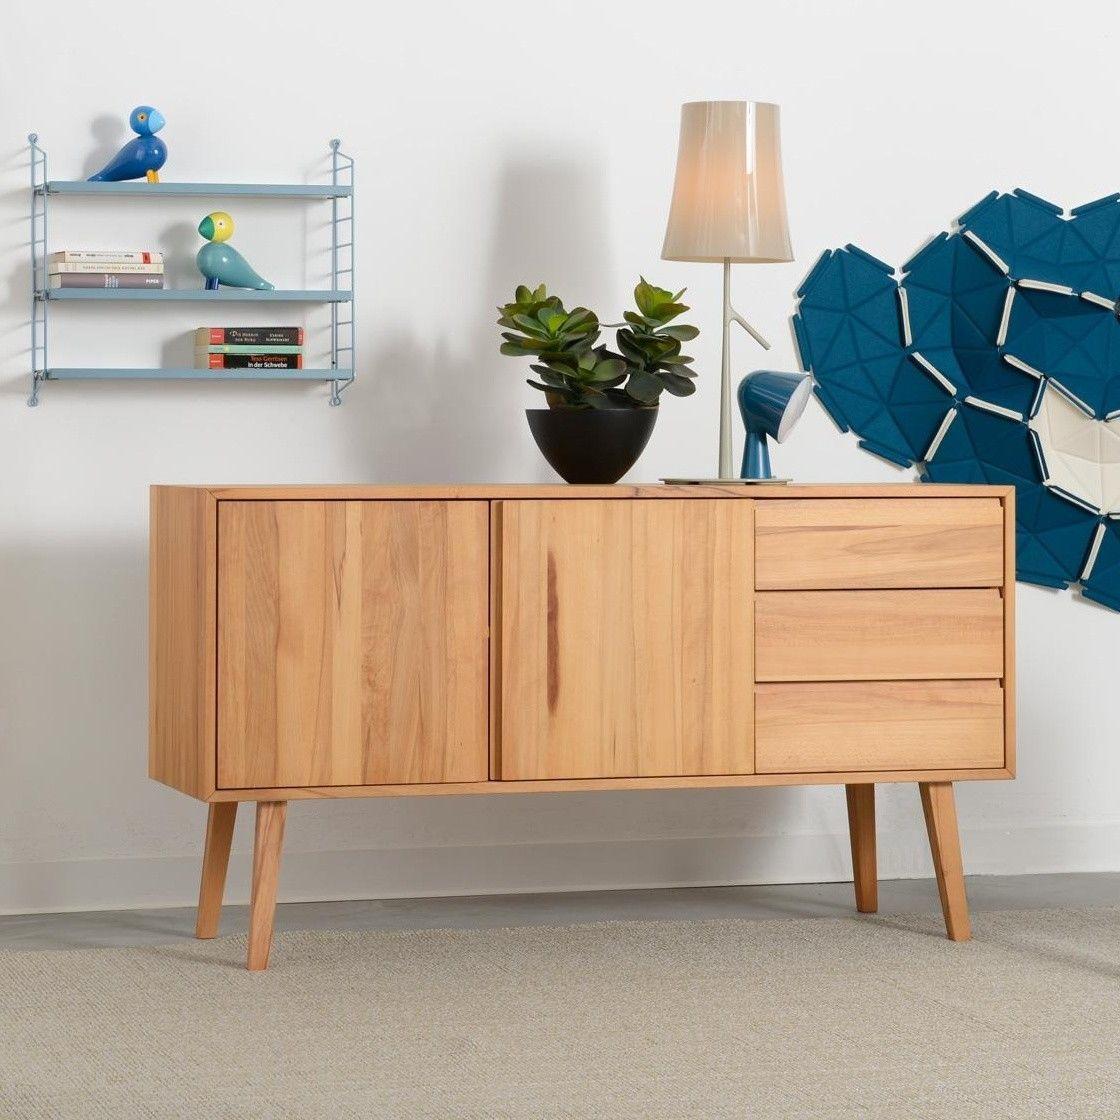 Designer Stuhl Klassiker ist schöne stil für ihr haus ideen